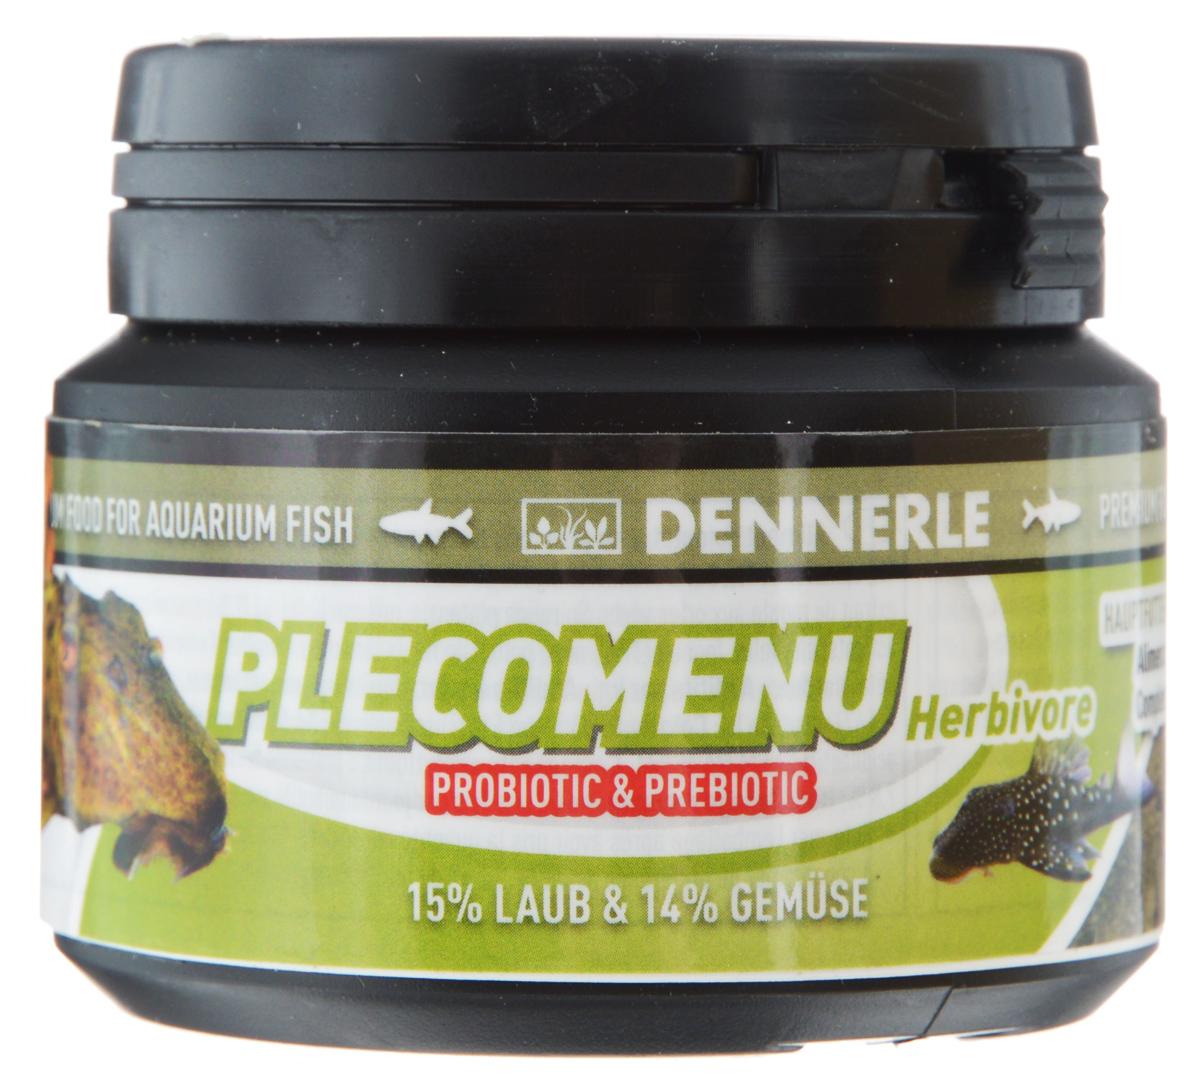 Корм Dennerle Pleco Menu Herbivore, для лорикариевых и растительноядных сомов, 36 г101246Dennerle Pleco Menu Herbivore - основной корм для всехрастительноядных сомов и водорослеедов, особенно, такихкак анциструсы, пеколтии, птеригоплихты, барианциструсы,гипанциструсы. Корм в виде таблеток.Содержит натуральные листья (15%, что обеспечивает такуюже долю балластных веществ в корме, как в природе), богатыевитаминами овощи и водоросли (20%), рачки, личинкинасекомых и мух (10%). Таблетки размером около 15 ммразгрызаются сомами, что способствует естественномуповедению рыб при кормлении.Состав: пшеничный протеин, арктический криль, истьяшелковицы (4,5%), листья папайи (4,5%), шпинат (4%), жирморских животных с омега-3 ПНЖК, капуста белокочанная(3%), листья березы (3%), листья грецкого ореха (3%),известковые красные водоросли, дрожжевой экстракт,экстракт зеленого губчатого моллюска, спирулина платенсис,мелисса (2%), чеснок (2%), мокрица (2%), речной бокоплав,водяная блоха, кузнечик, инулин цикория, личинка мухи,водоросли хлорелла, фенхель (1%), анис, цветочная пыльца,артемия, науплия артемии, травяной экстракт, порошоквиноградных косточек, красная личинка комара, бета глюканы.Аналитические компоненты: неочищенный протеин 43,2%,жир-сырец 8,5%, сырая клетчатка 4,0%, неочищенная зола10,0%, влага 7,8%.Рекомендации по кормлению: 2-3 раза в день в количестве, которое рыбы смогут съесть в течение 1 минуты.Товар сертифицирован.